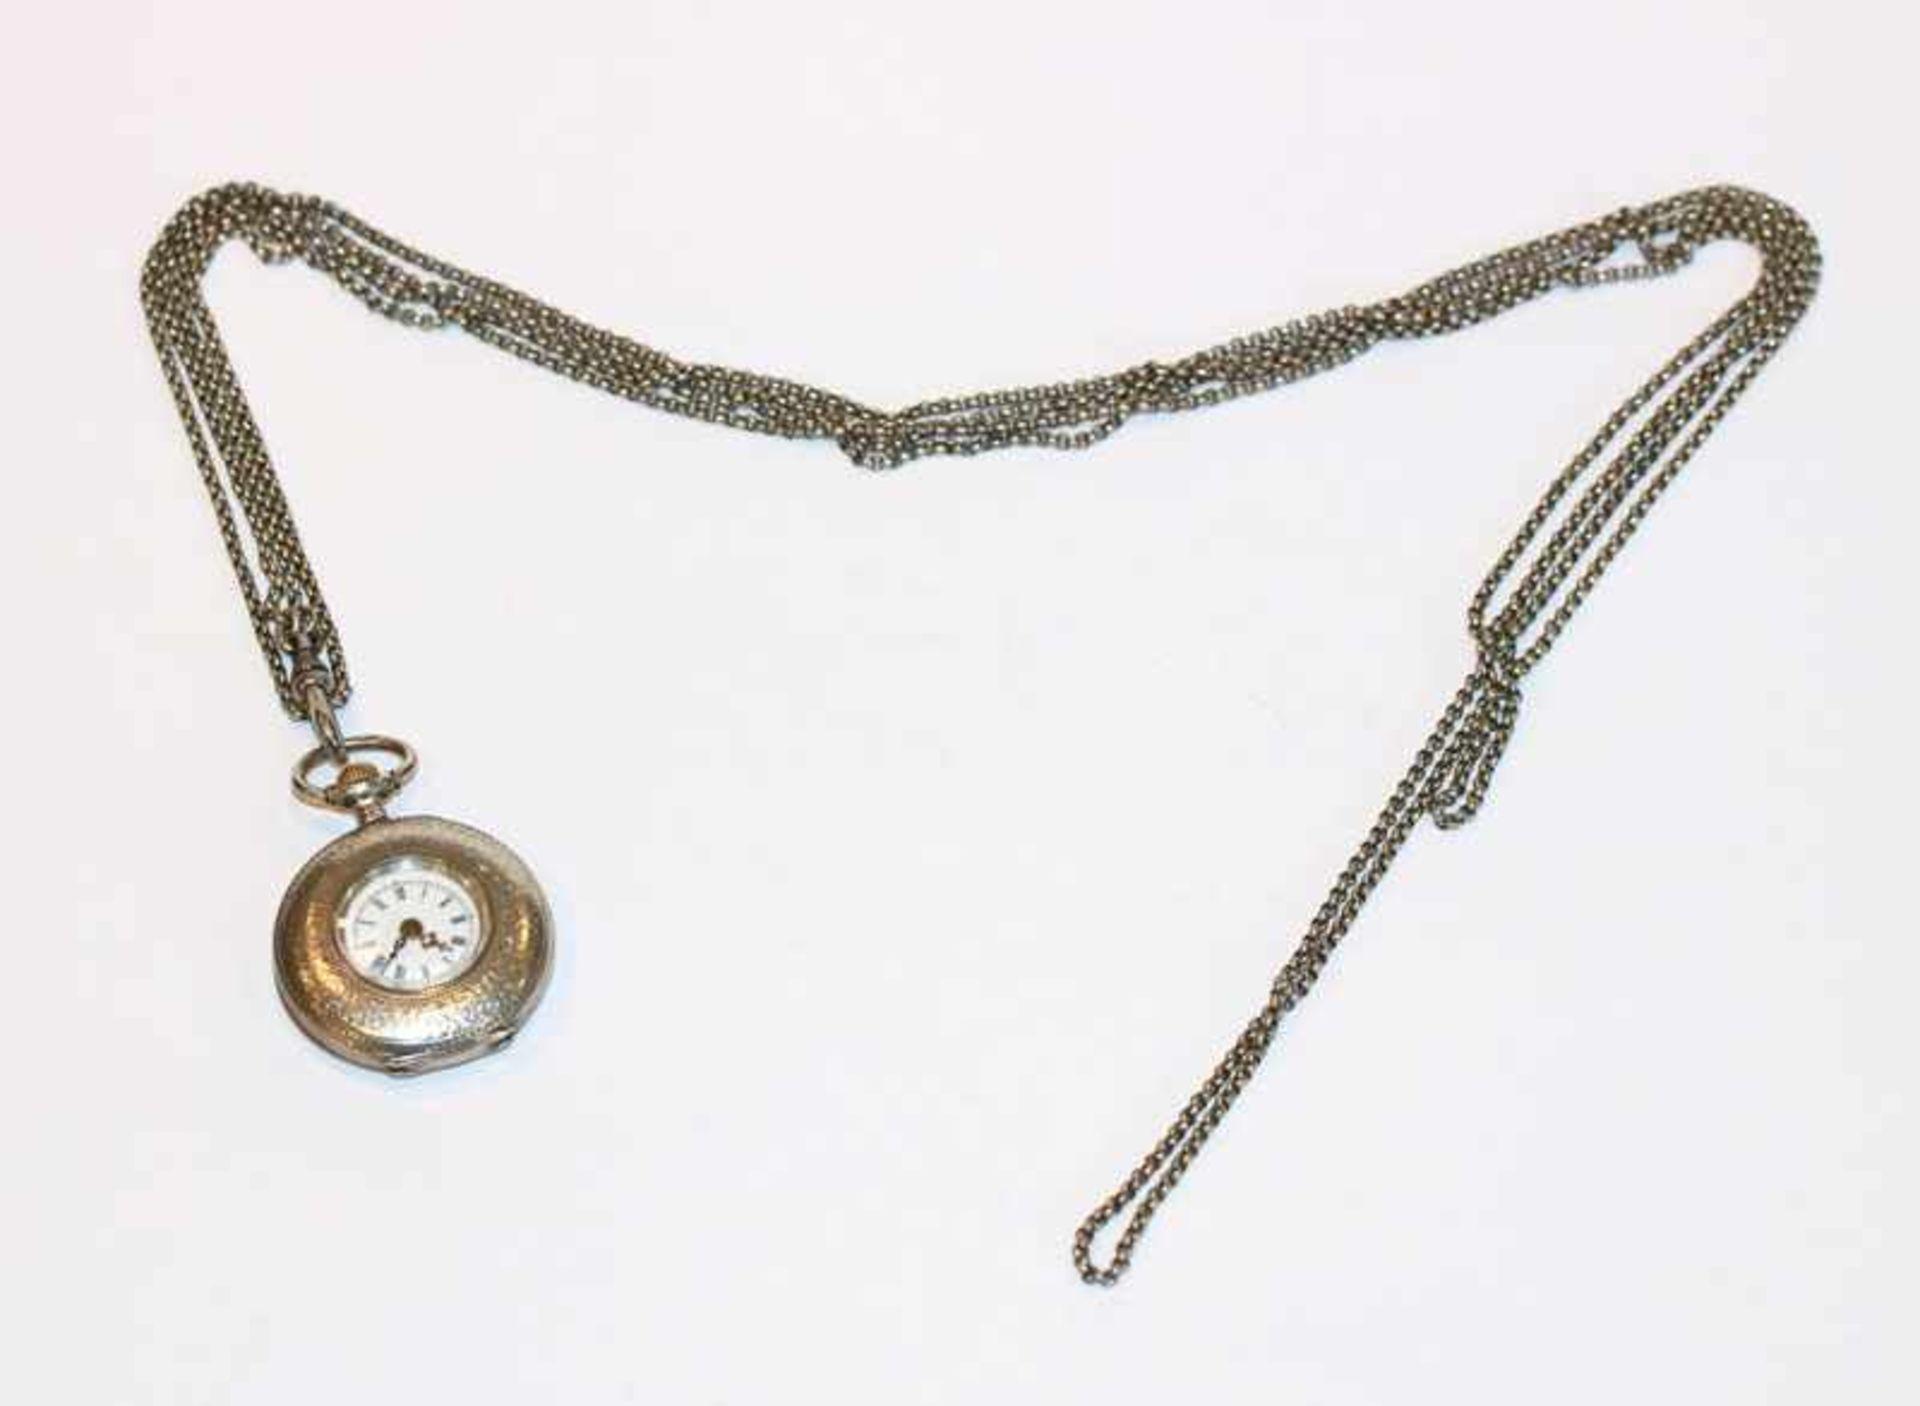 Silber Damen Taschenuhr, intakt, D 3 cm, an Kette, L 160 cm